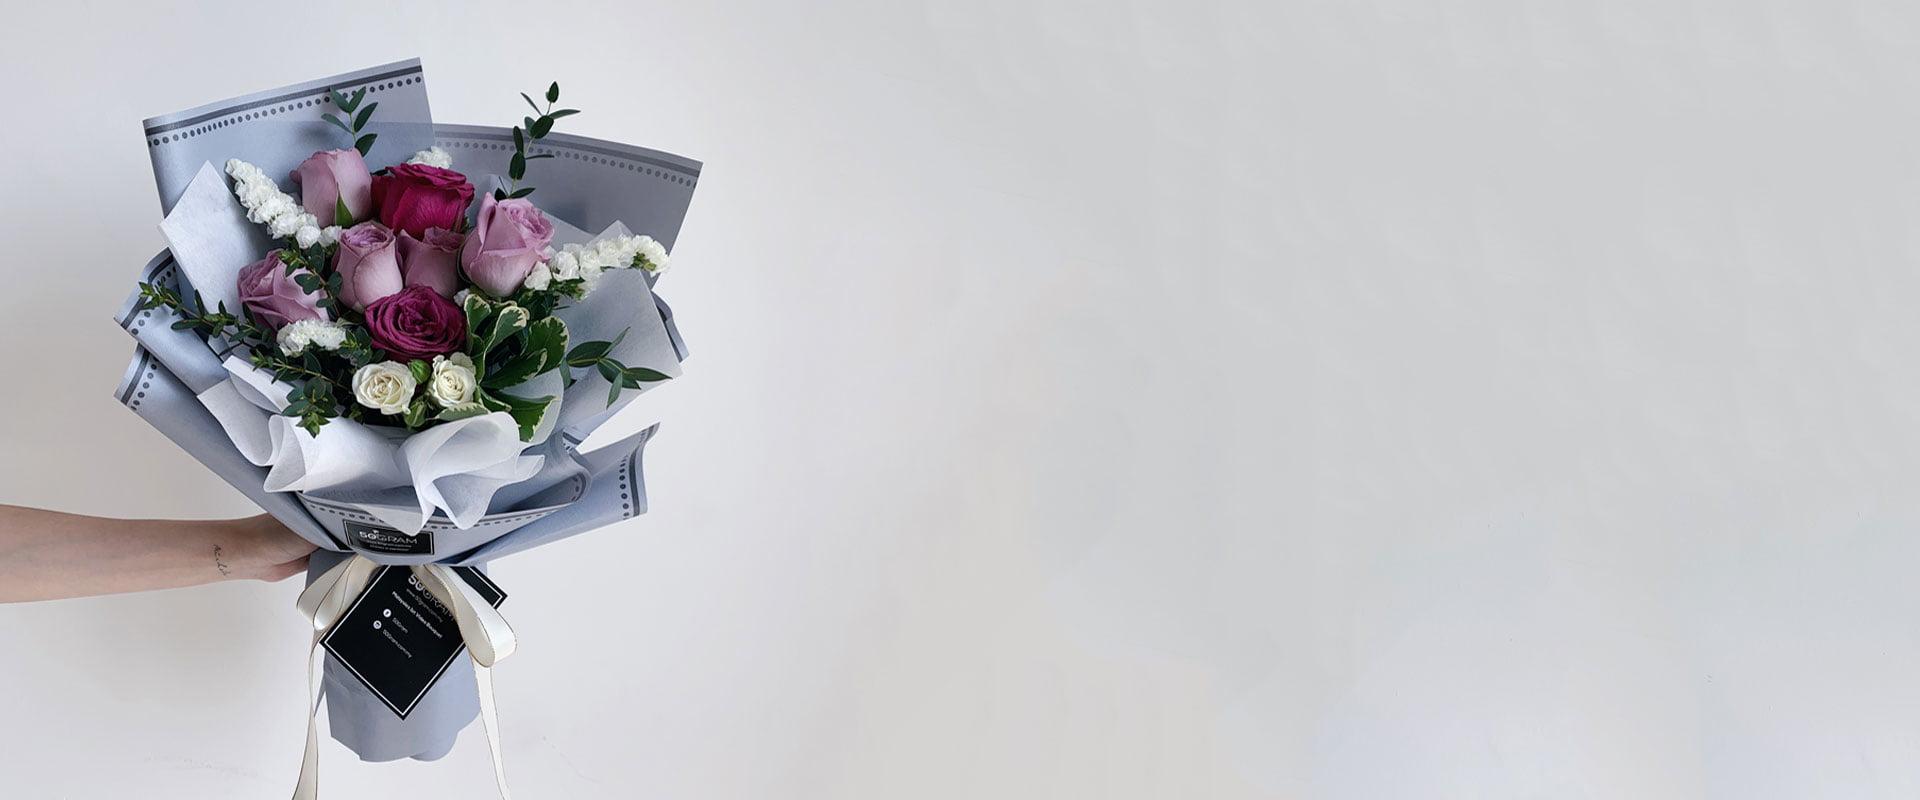 Hand-Bouquet-Page-Header-v2.jpg